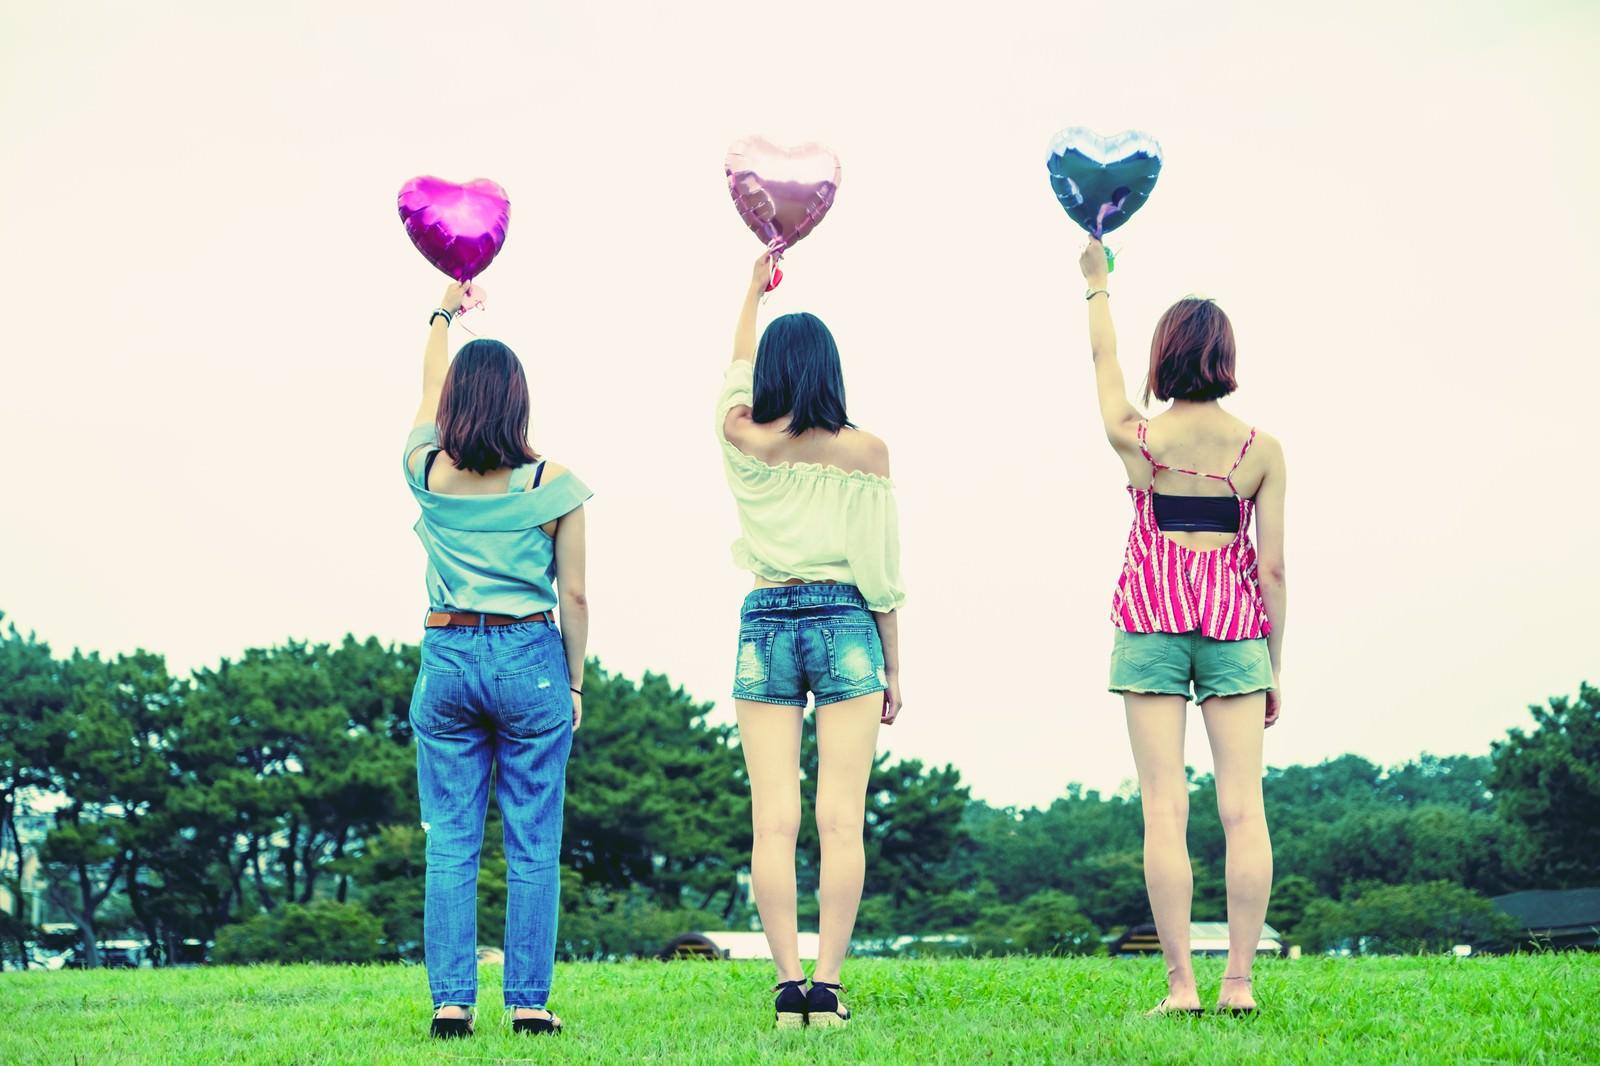 「ハートの風船を持った女子三人組の後ろ姿」の写真